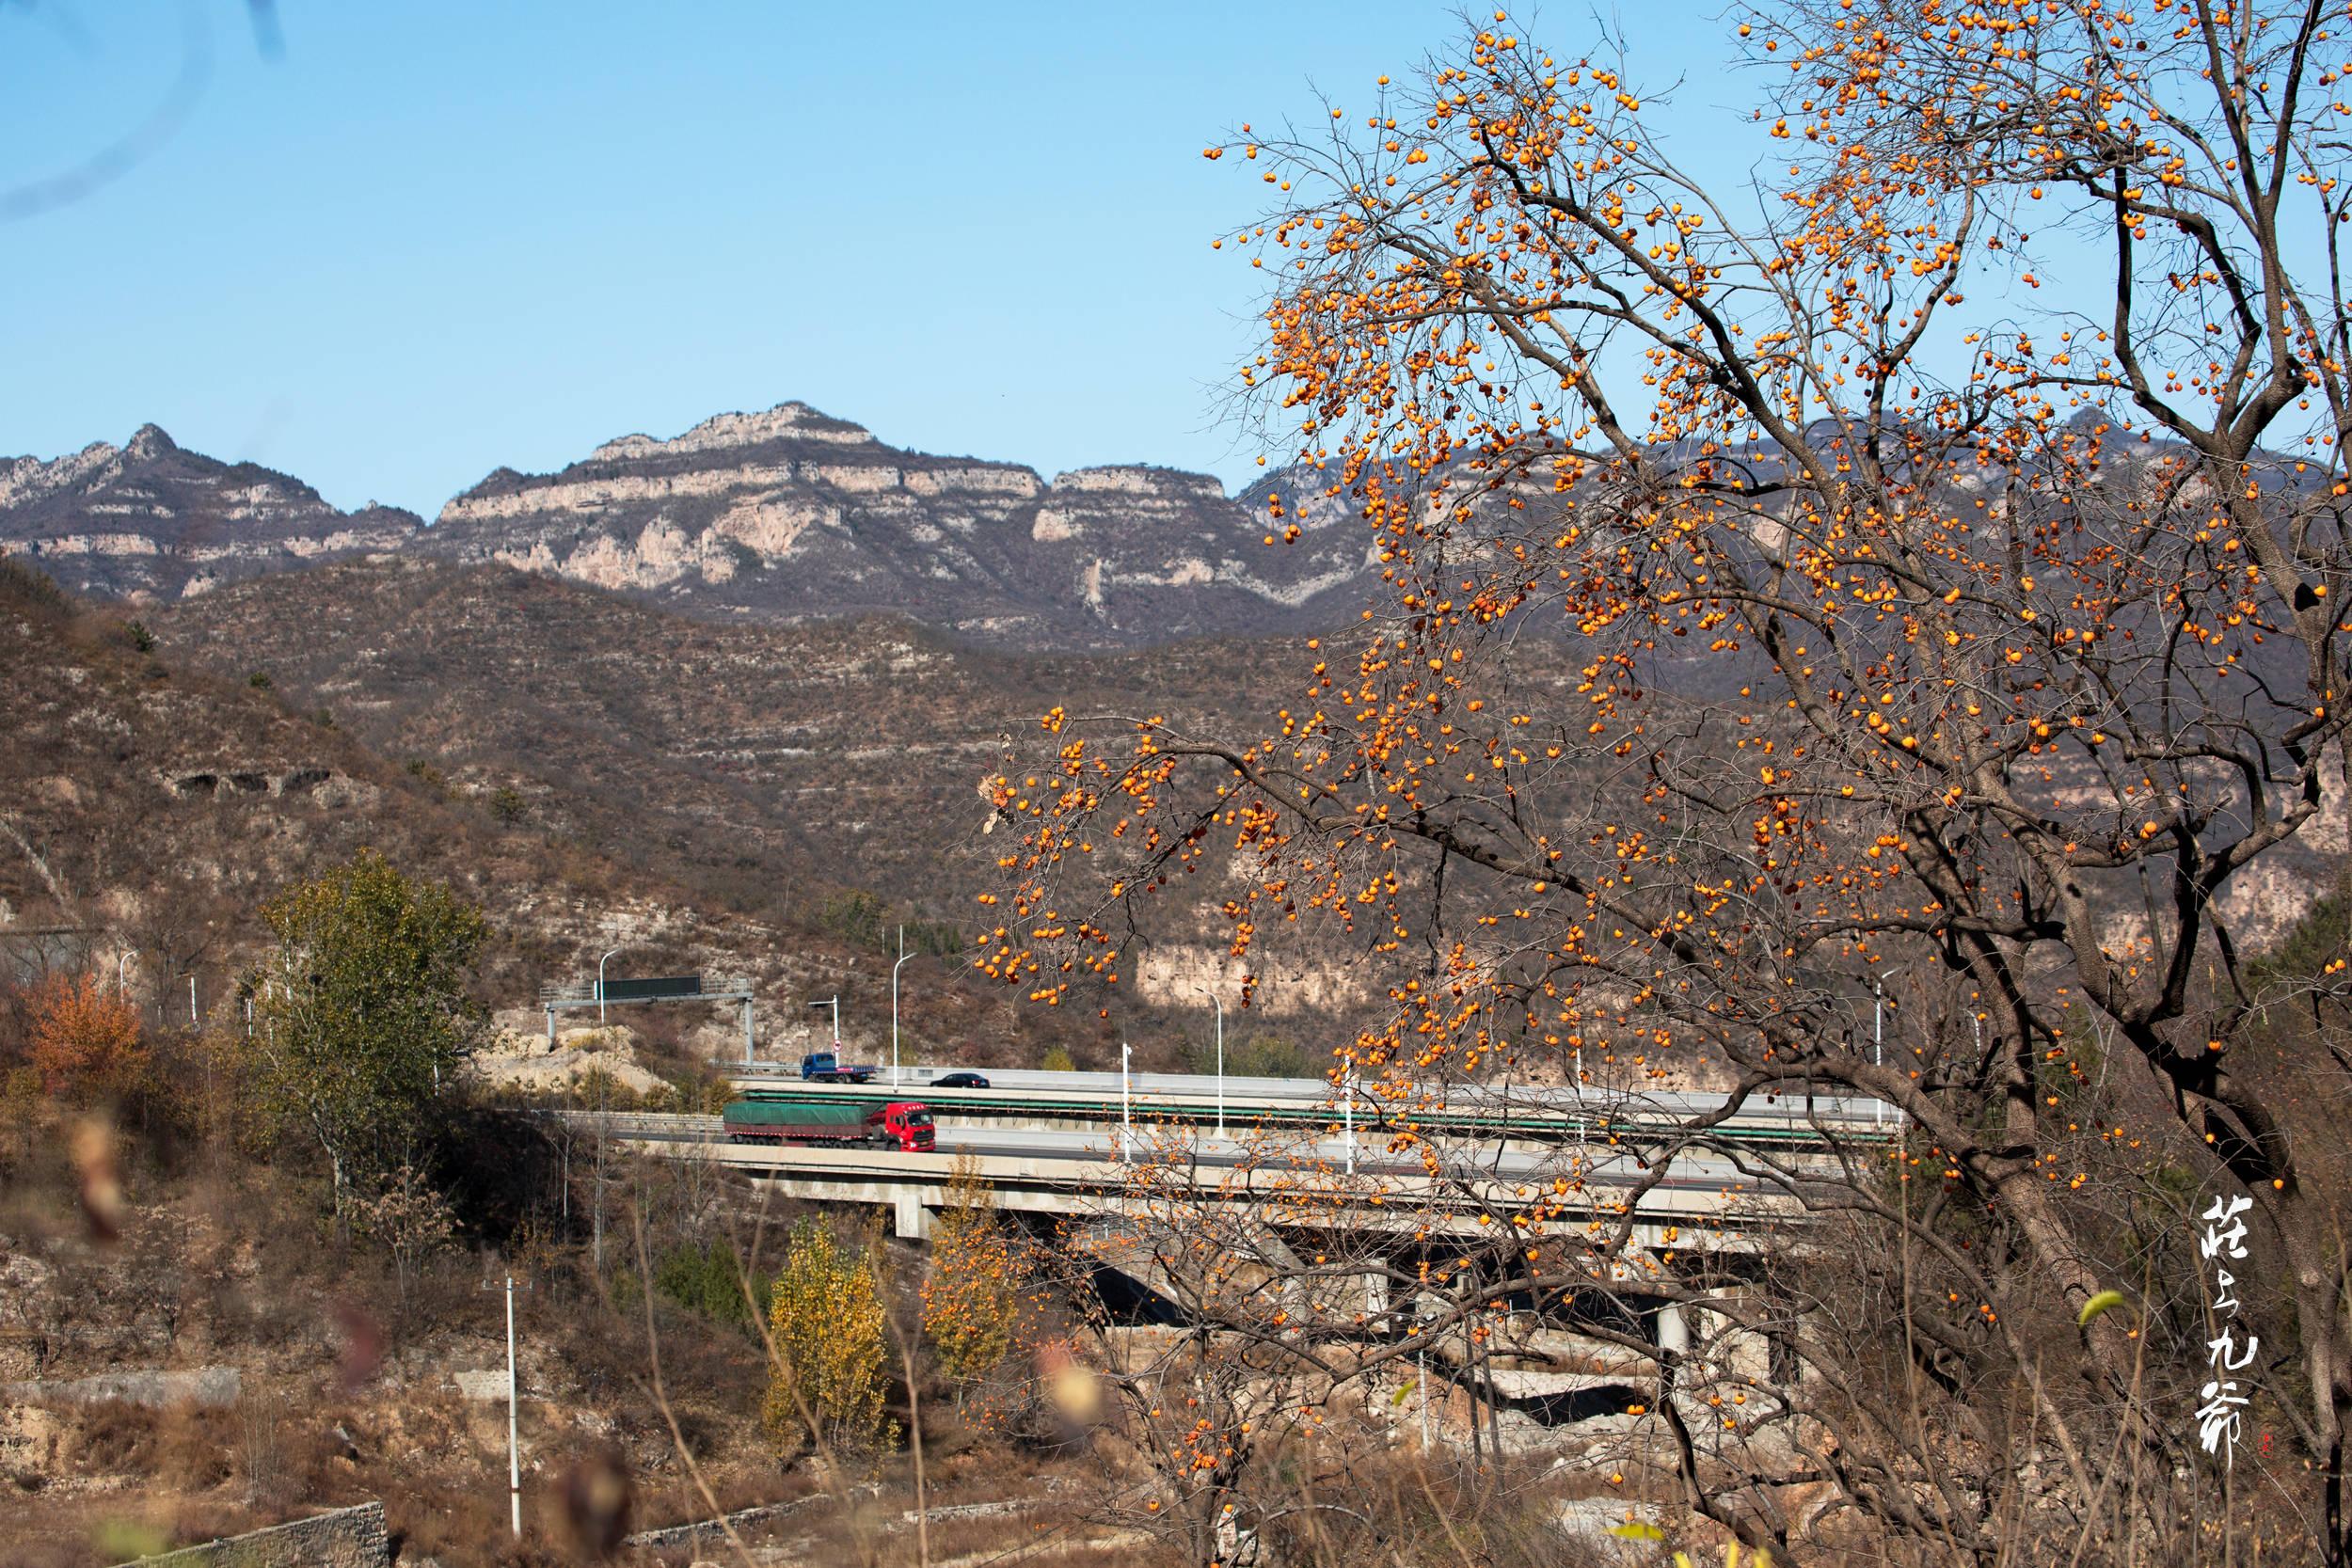 太行山区老乡的一句方言 让我误入山坳小村:达柯